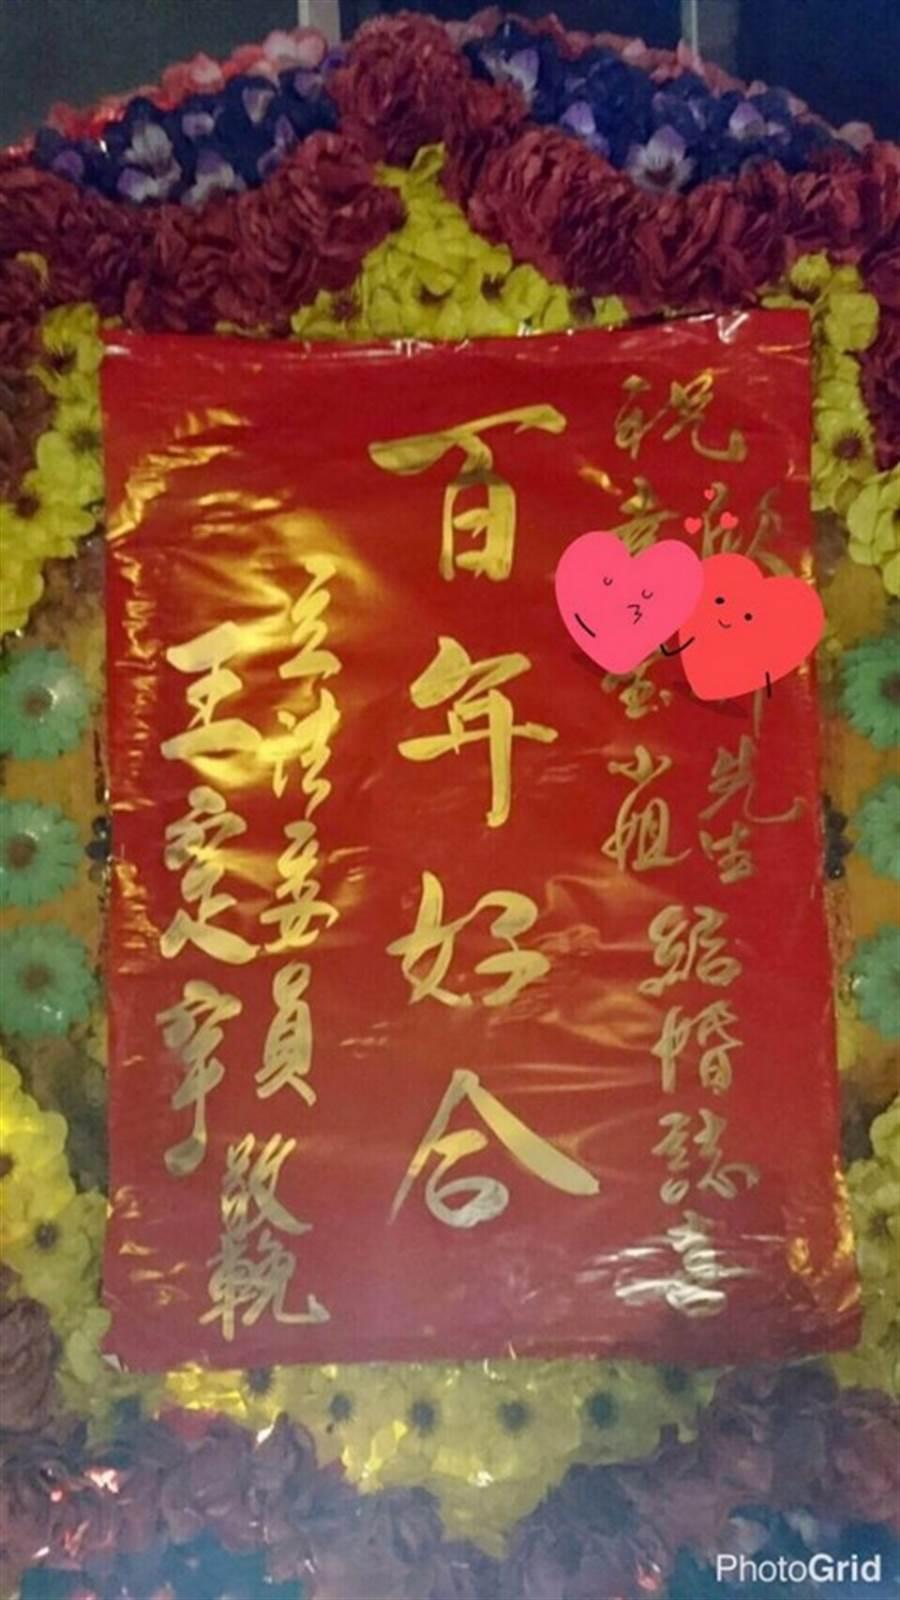 王定宇祝福新人的花圈,落款竟用「敬輓」。(圖/翻攝自黃子哲臉書)